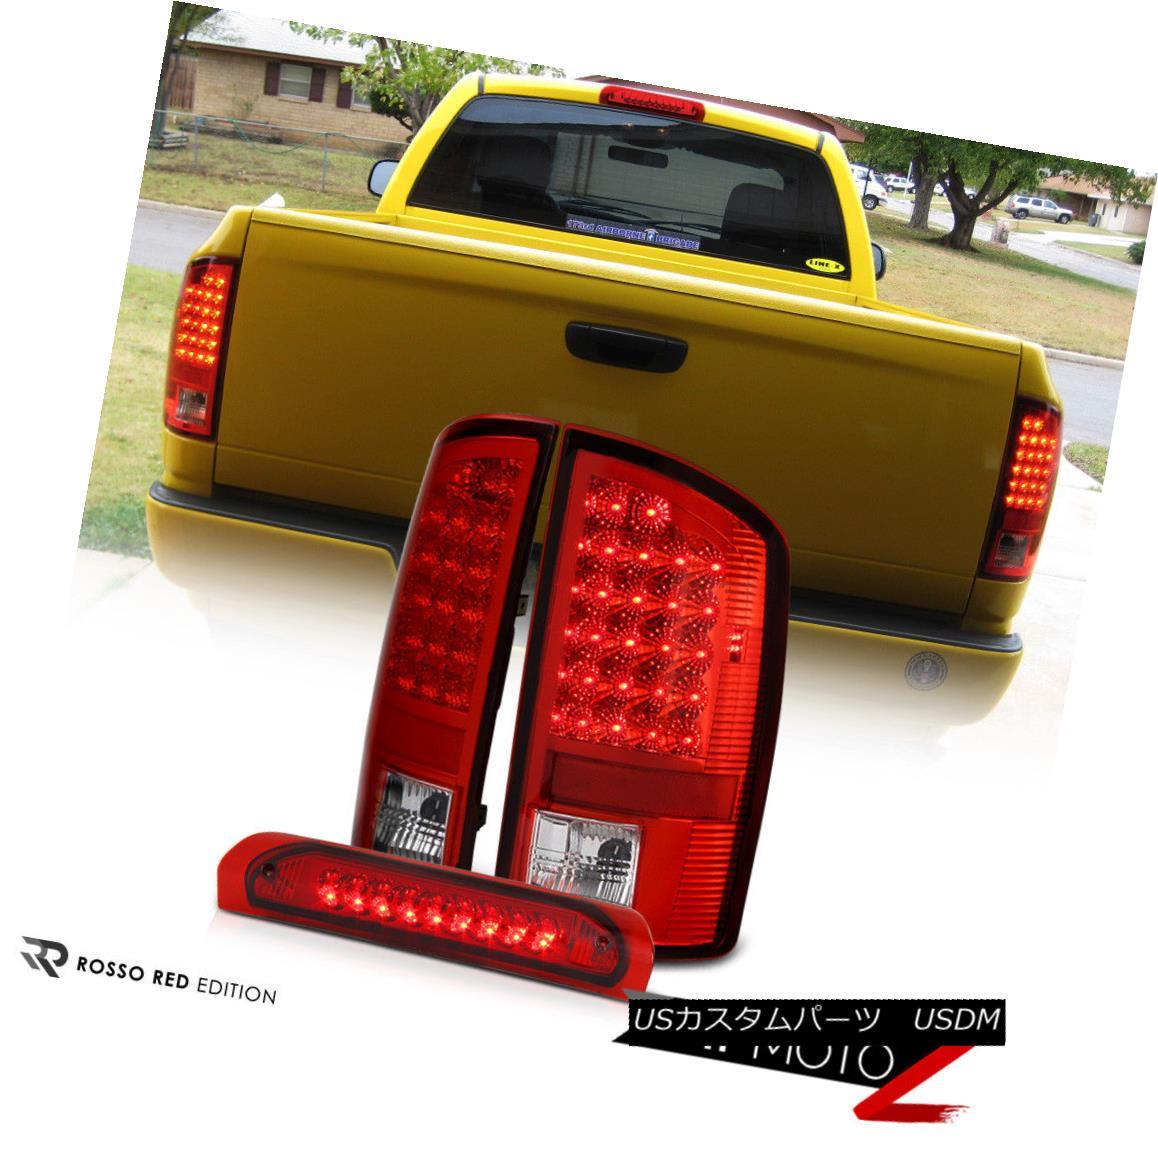 テールライト 02-06 Dodge Ram Red Full SMD LED Tail Signal Light+Center Cargo 3rd Brake Lamp 02-06ダッジラムレッドフルSMD LEDテールシグナルライト+センターカーゴ第3ブレーキランプ